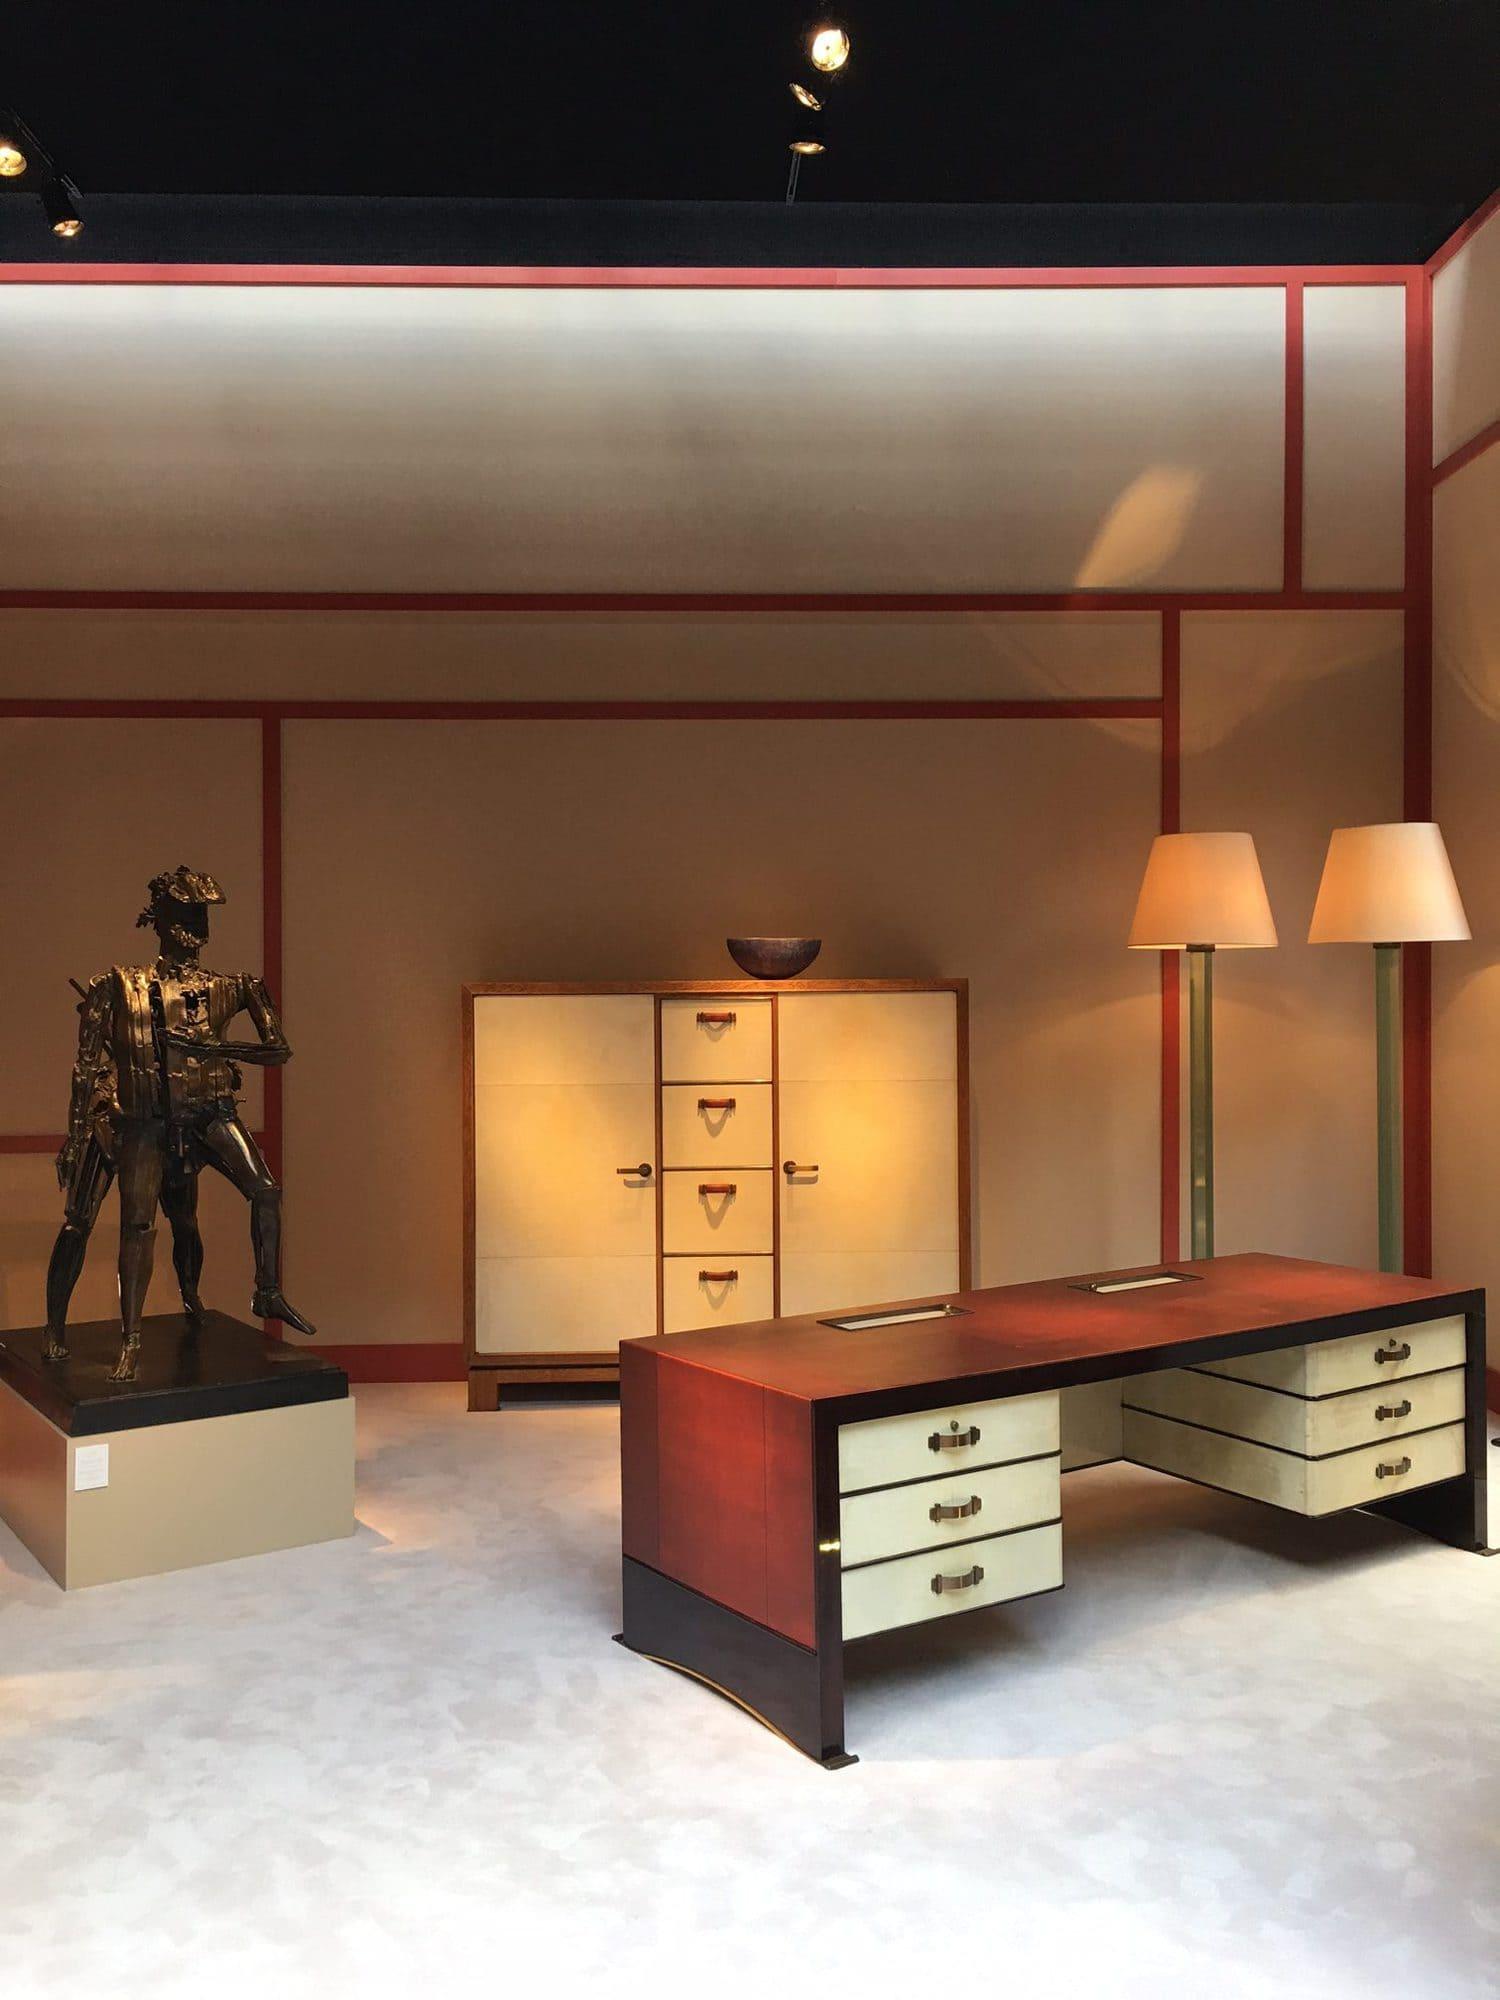 La Biennale Paris, La biennale des antiquaires, galerie Chastel-Maréchal, Cesar, Paul Duprès-Lafon, jean Michel Frank , art décoratif, design, post war design